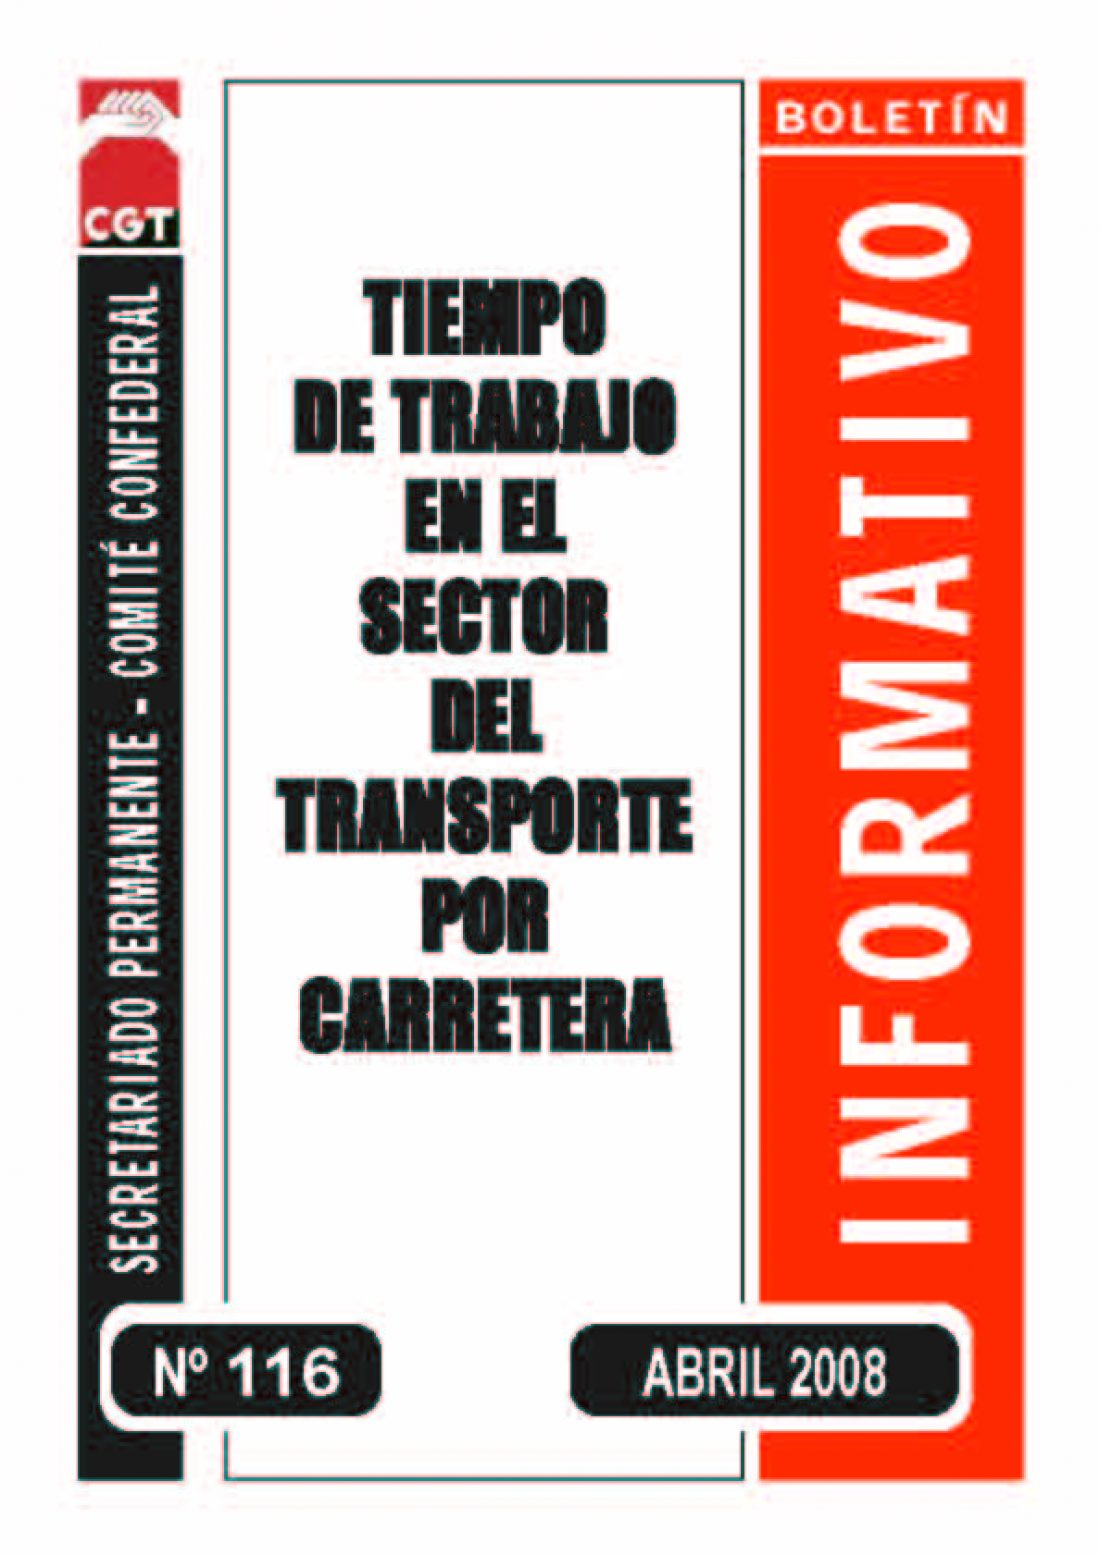 116. Tiempo de trabajo en el sector del transporte por carretera